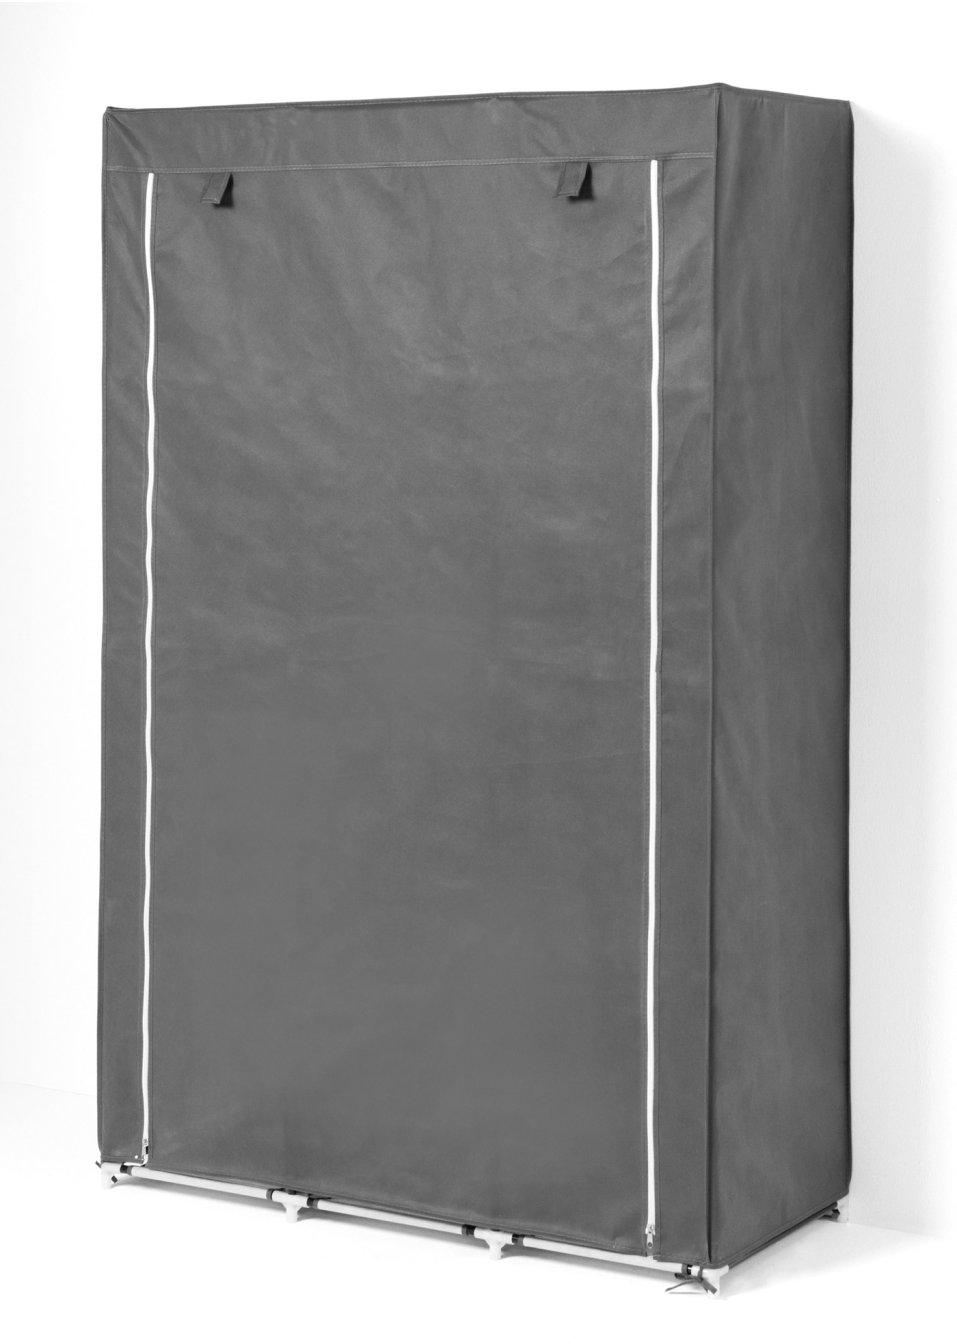 schrank lore nie wieder den berblick verlieren grau mit 8 f chern. Black Bedroom Furniture Sets. Home Design Ideas